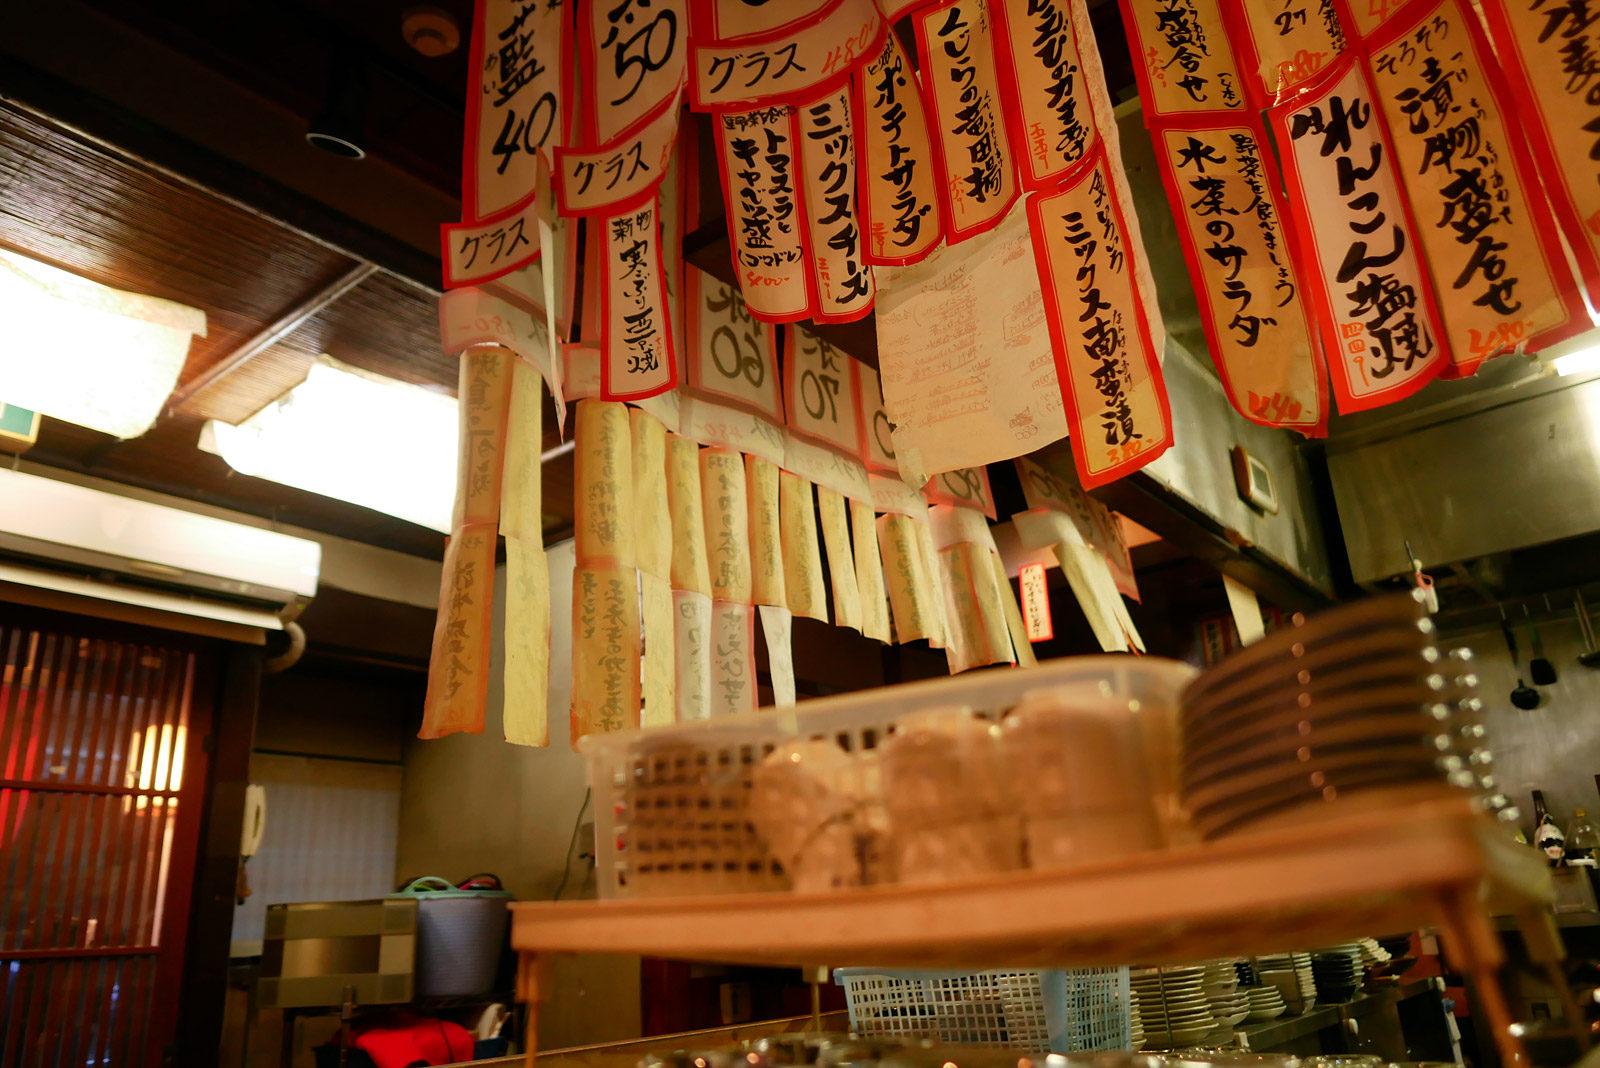 遊亀 祇園店